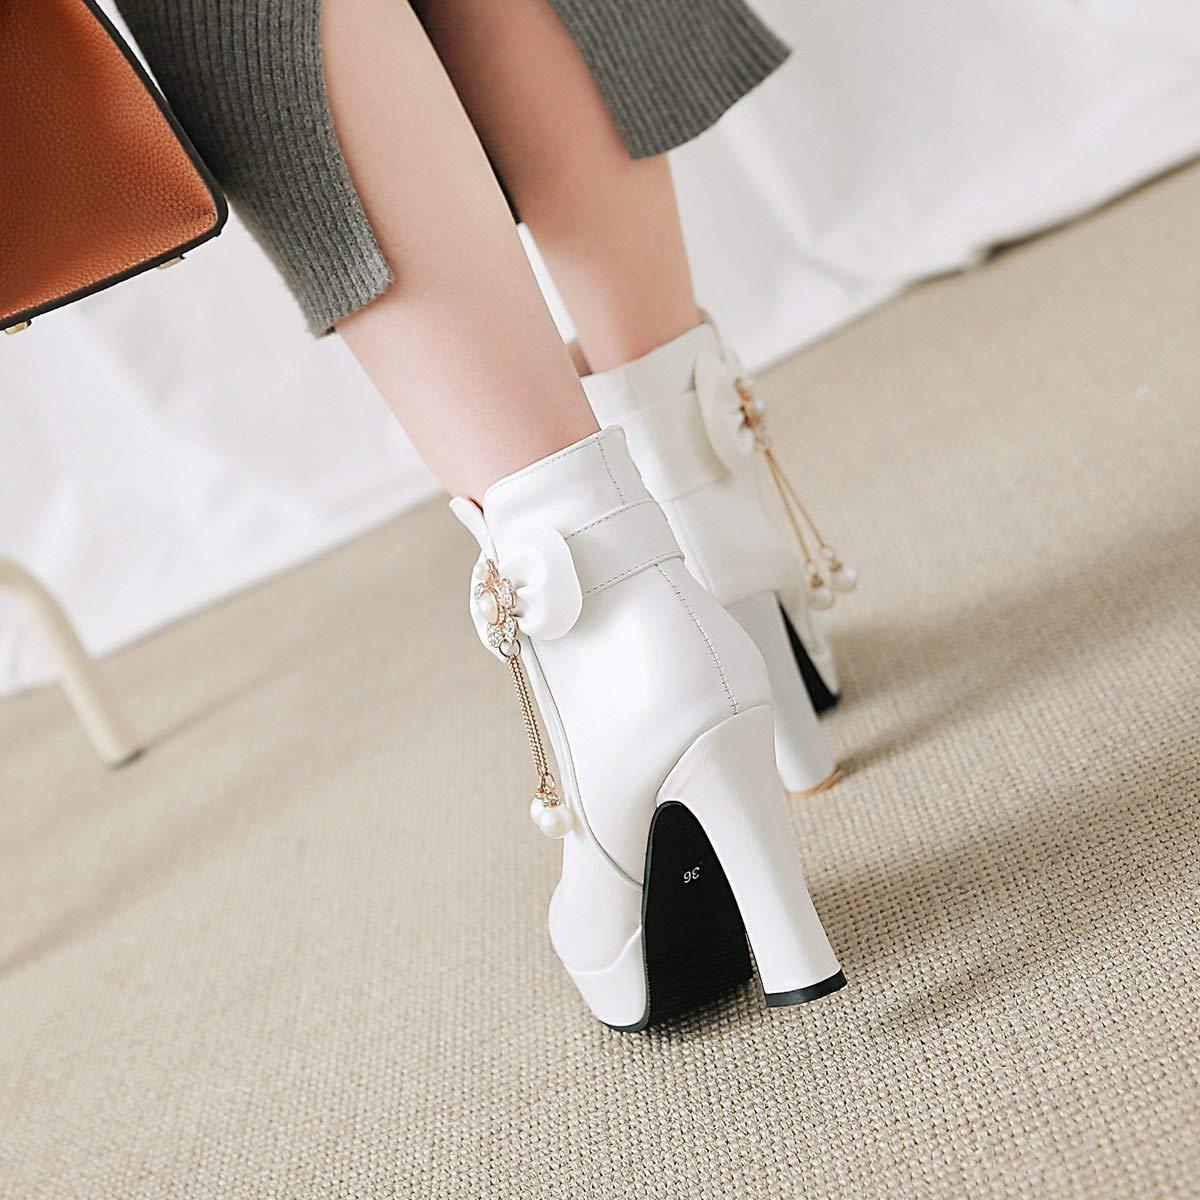 Hy 2018 Damenschuhe Herbst Winter Strass Martins Stiefel Damen Strass Winter Bowknot Super High Heel Stiefelies Stiefeletten Mode Stiefel Weiß Schwarz Rosa (Farbe   Weiß Größe   35) 1fa20b